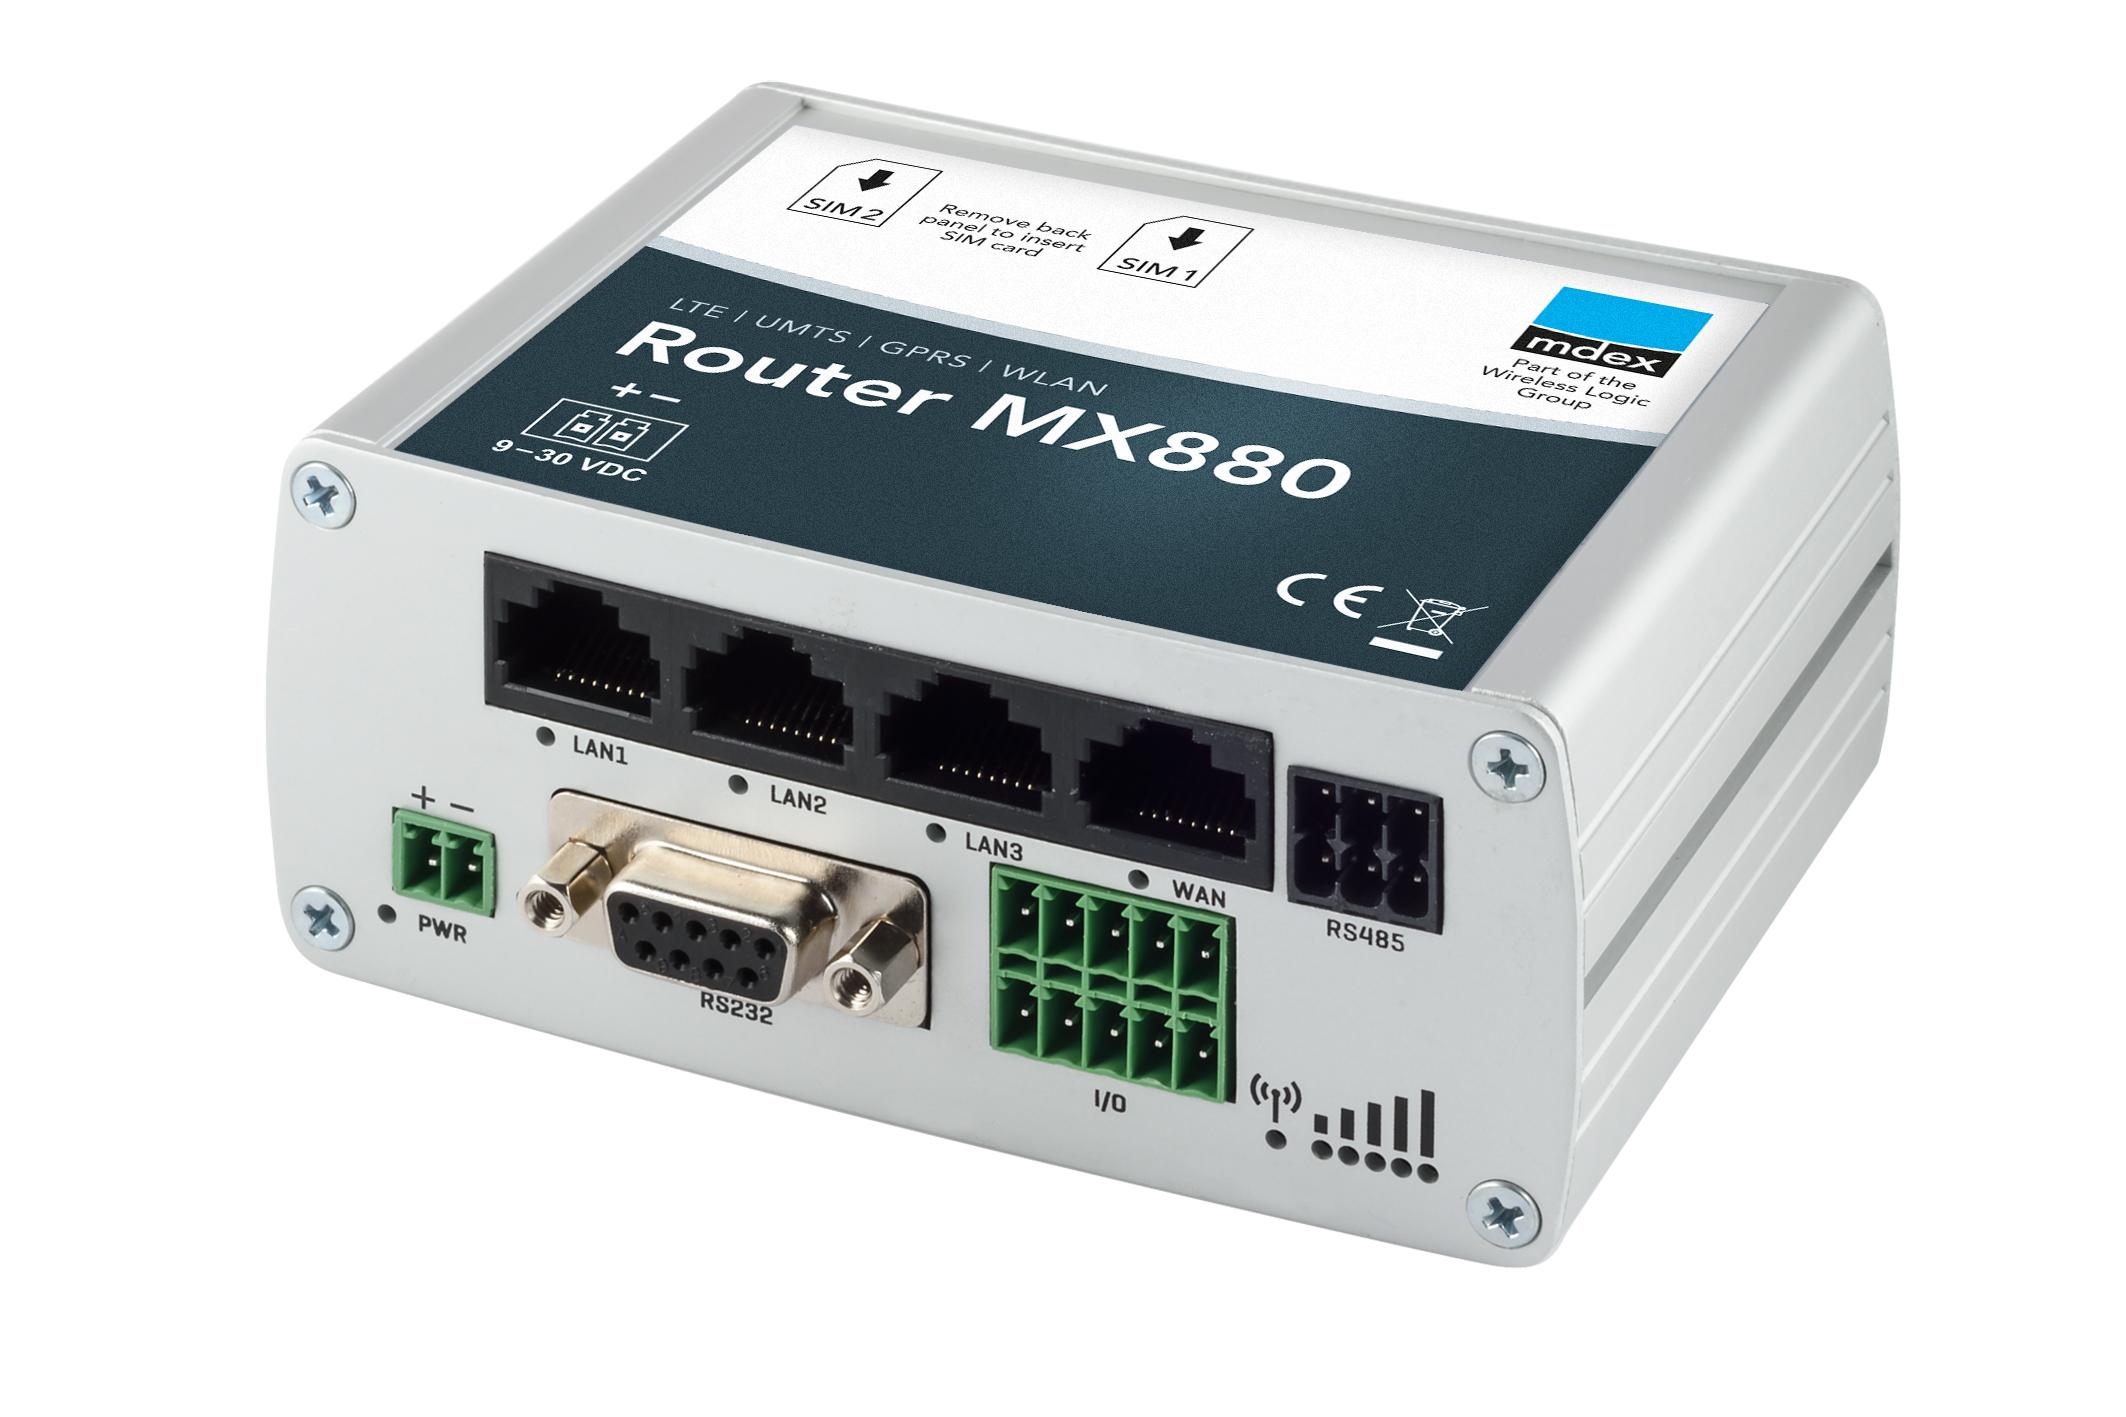 Industrie-Router mdex MX880 von schräg oben